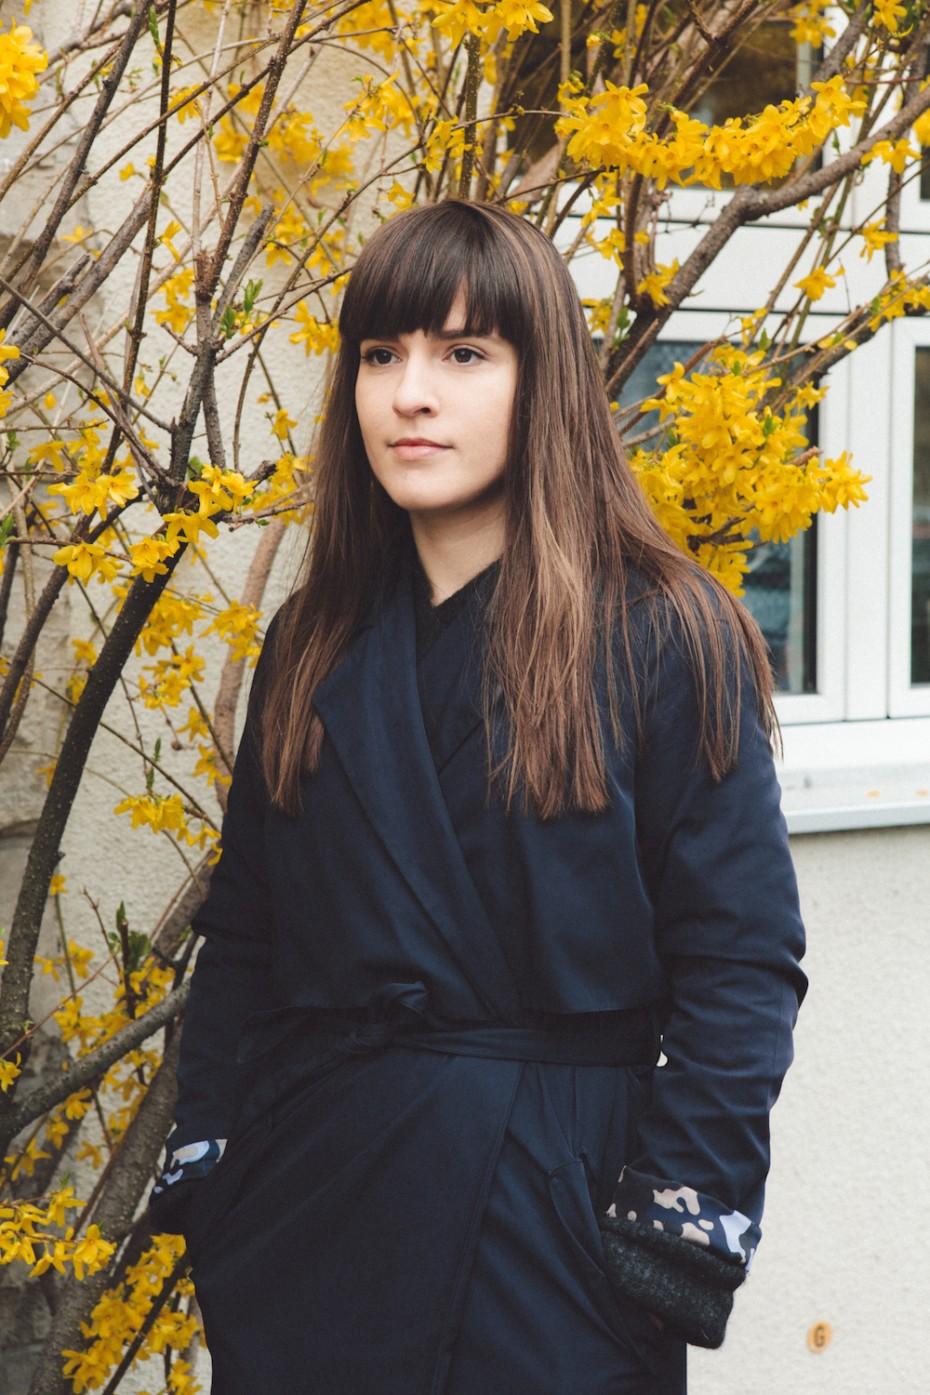 Susanna_Final (3 - 4)